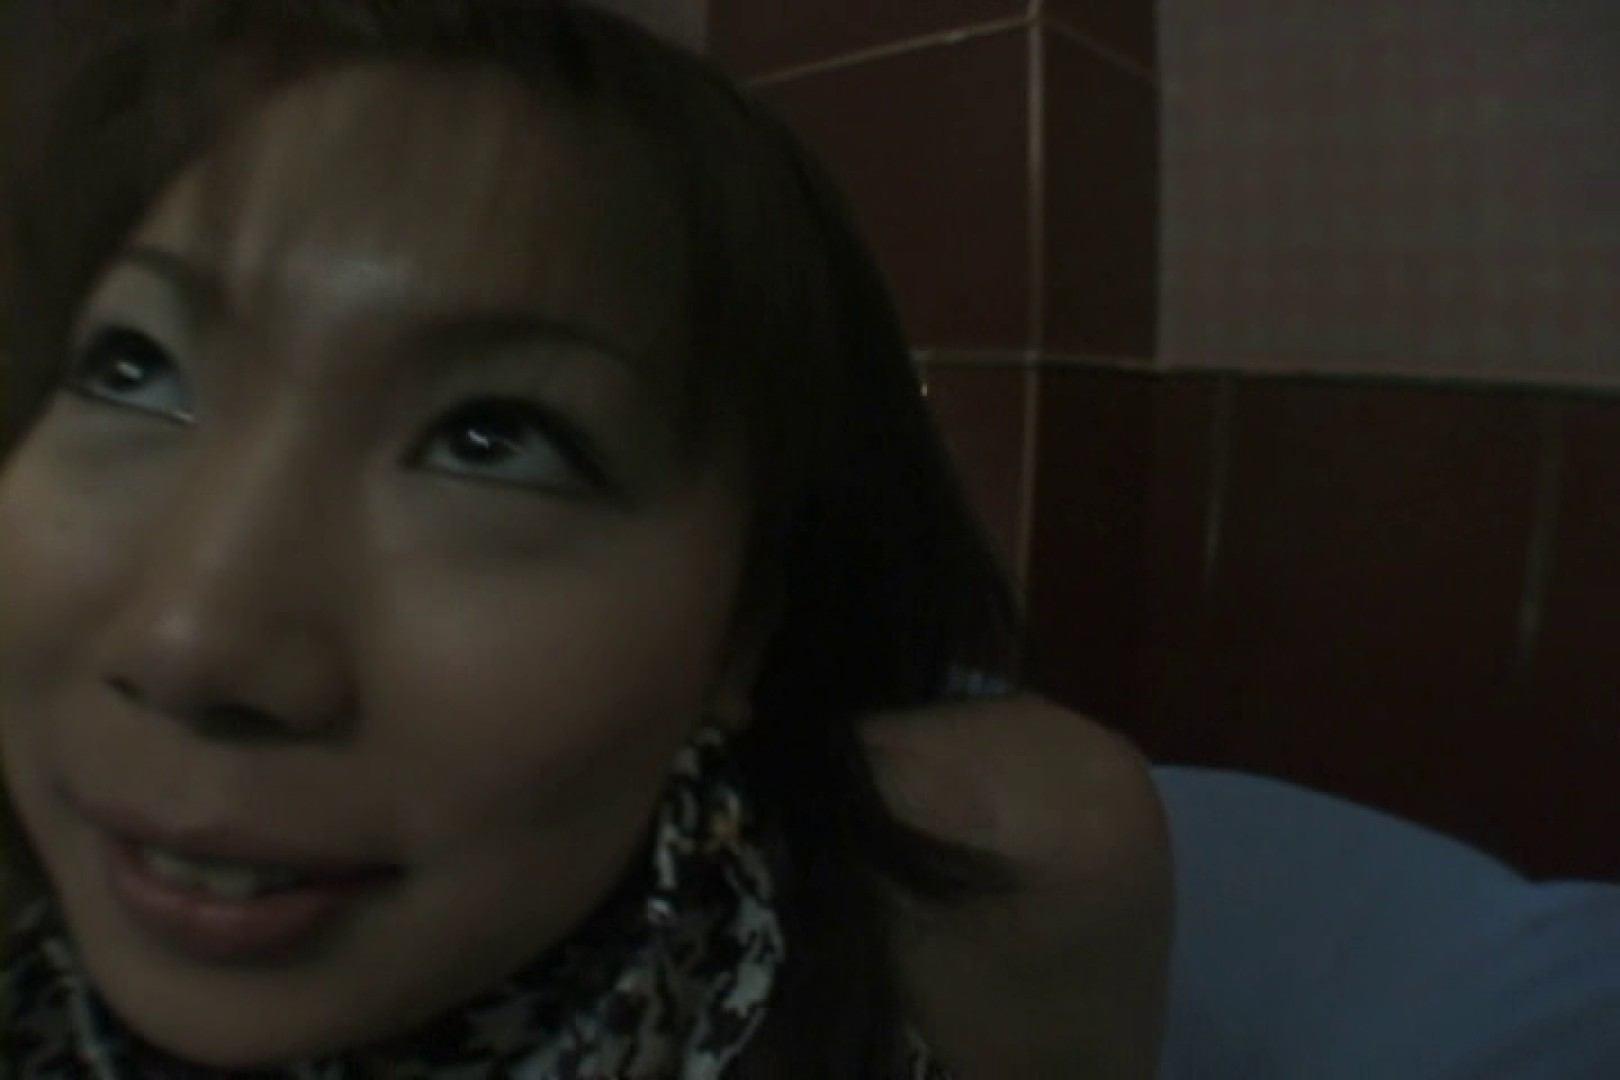 旦那との愛よりも、愛人とのSEX~片瀬梨子~vol,1 フェラ | ロータープレイ  94連発 29